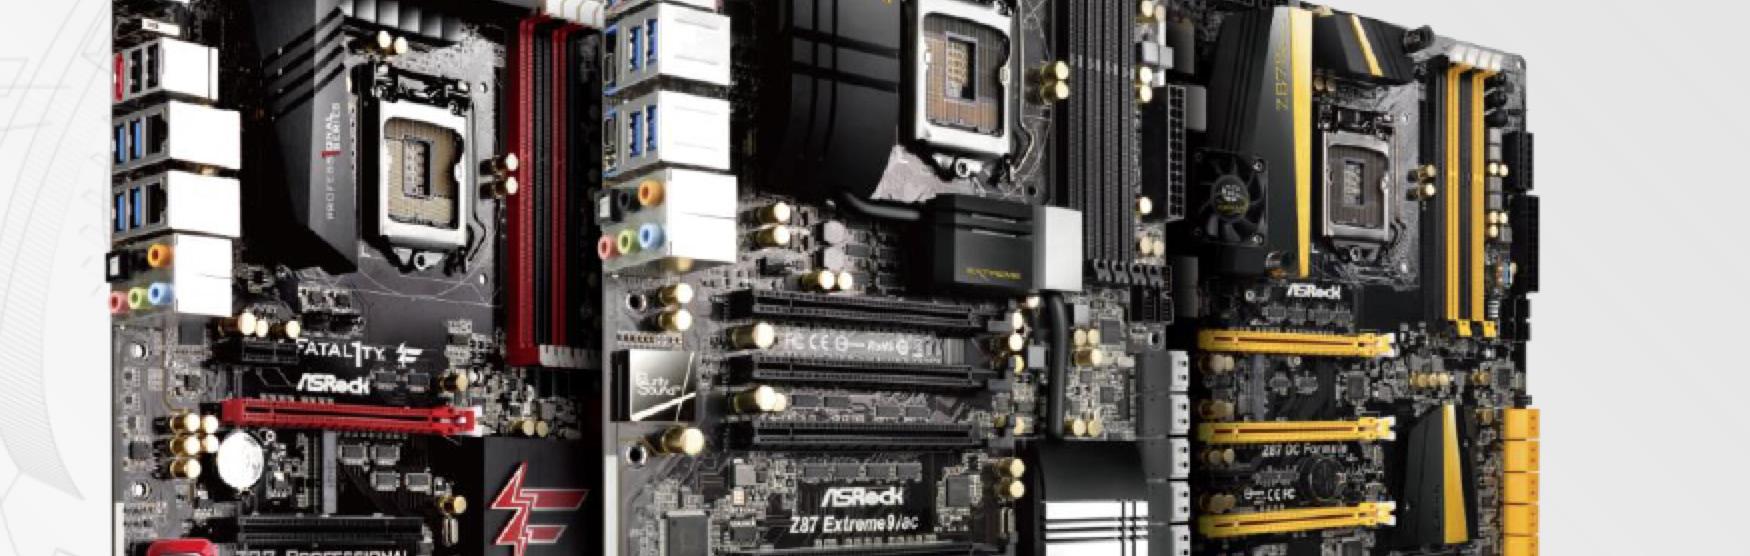 ASRock Z87 Pro3 Smart Connect Driver